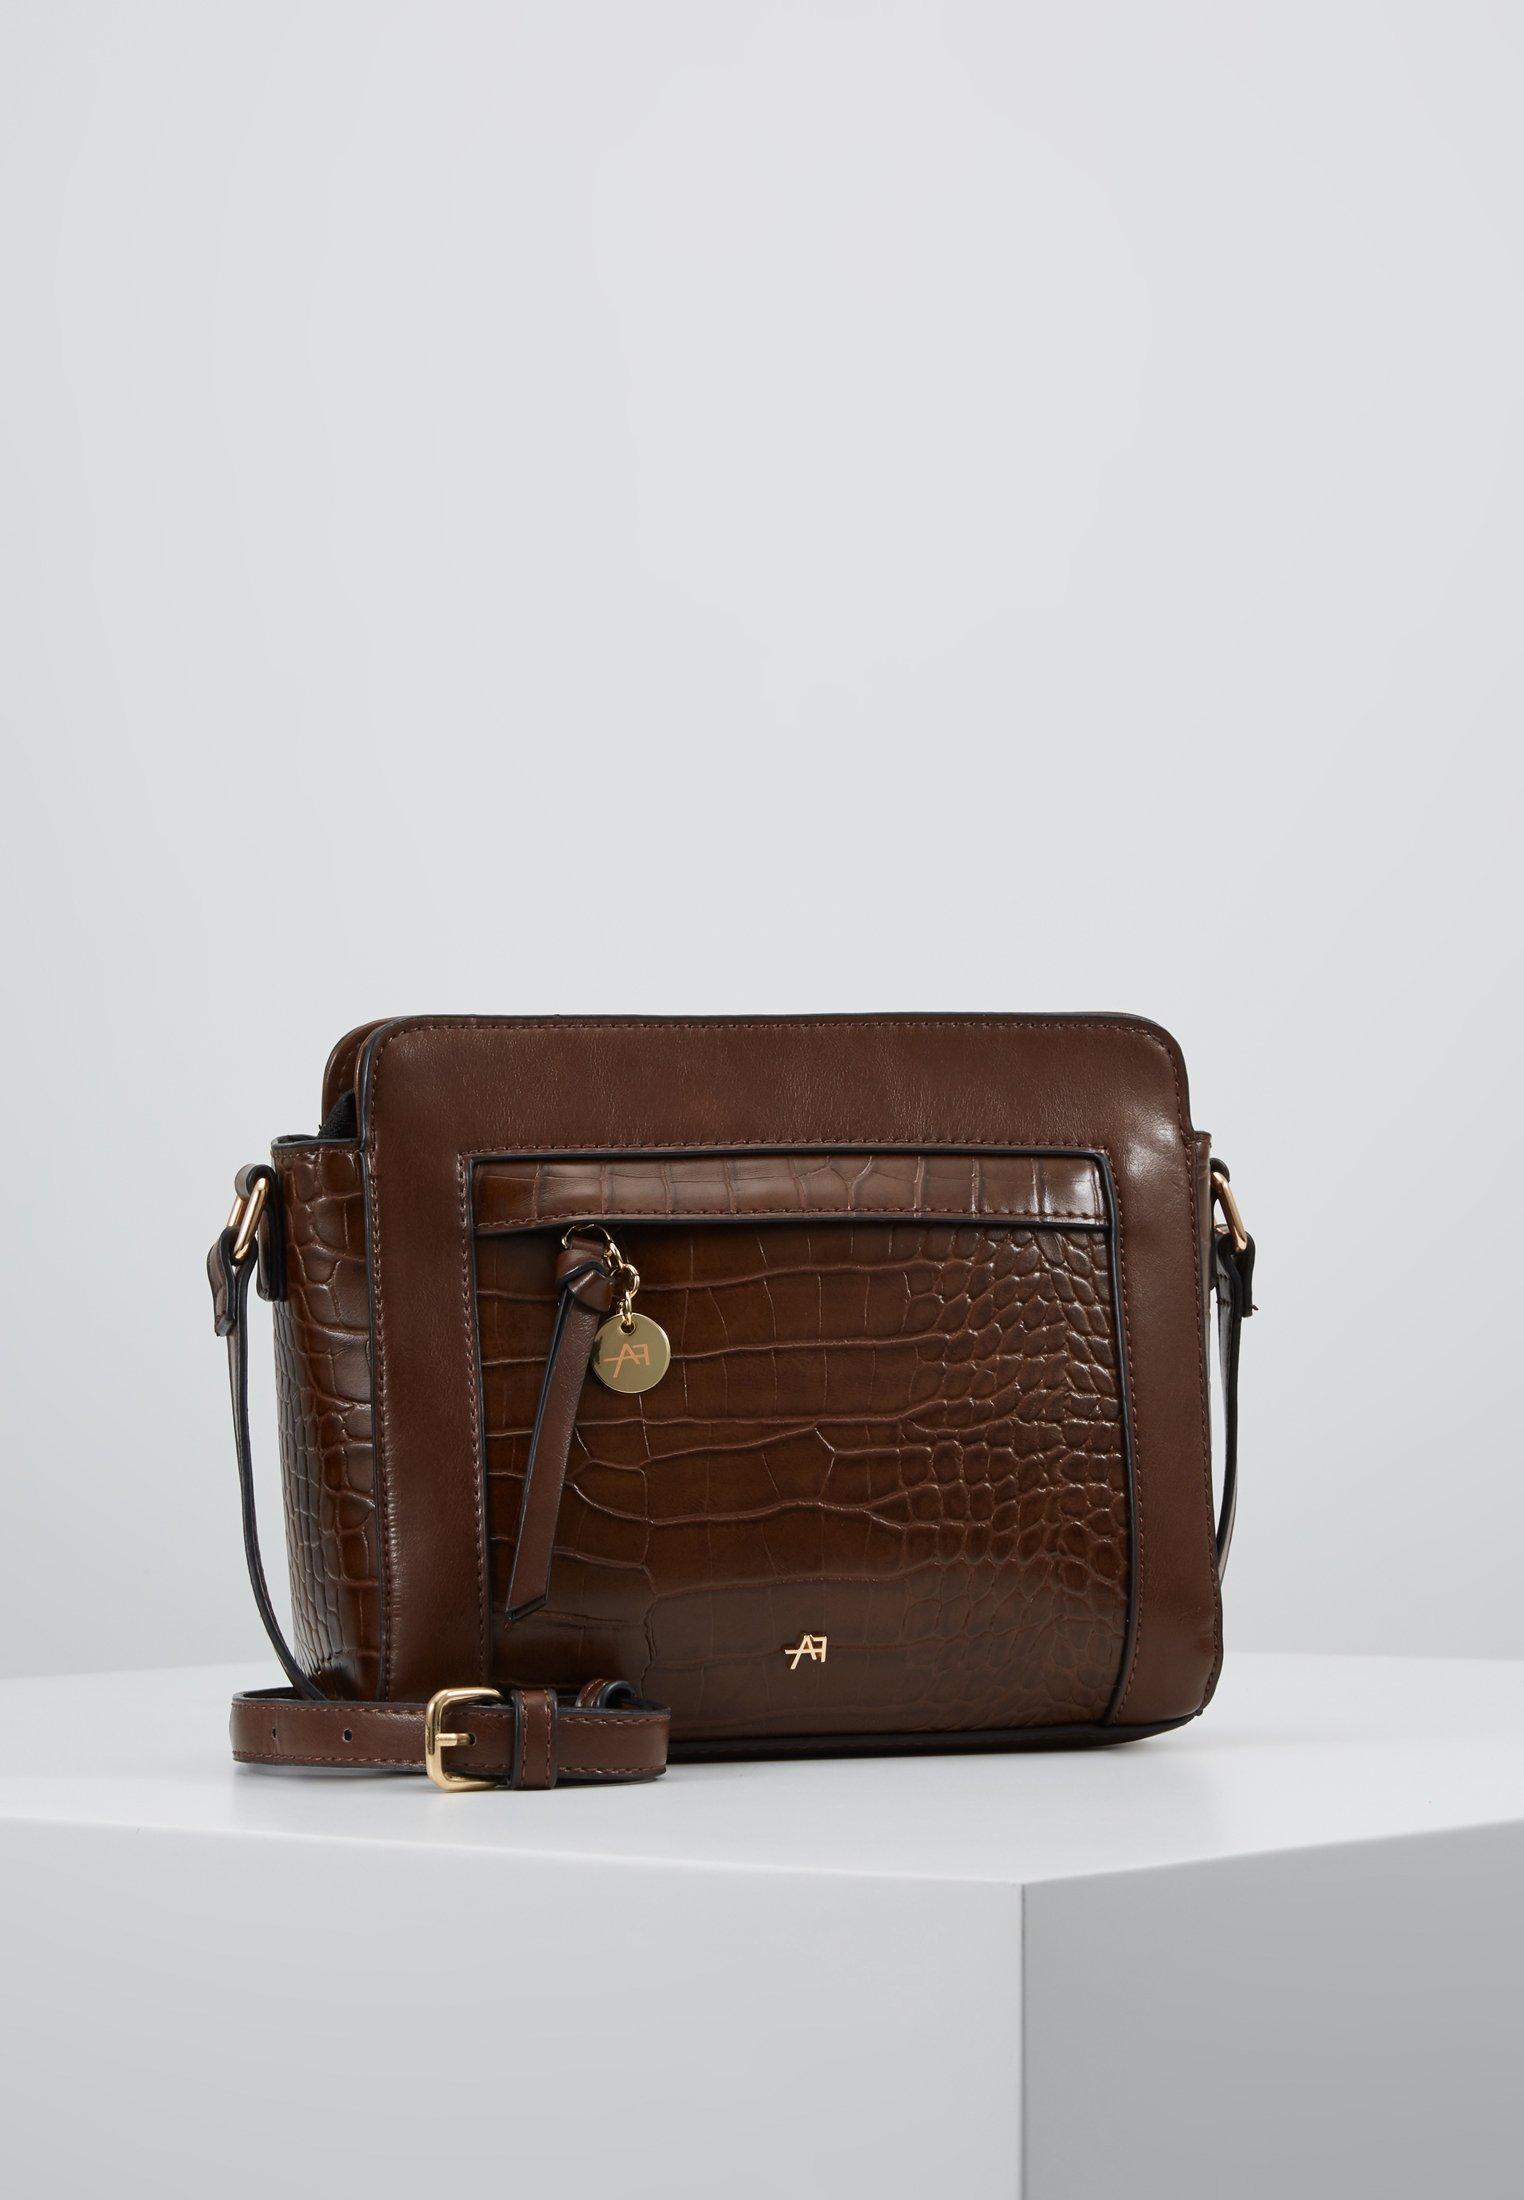 bruna väskor online